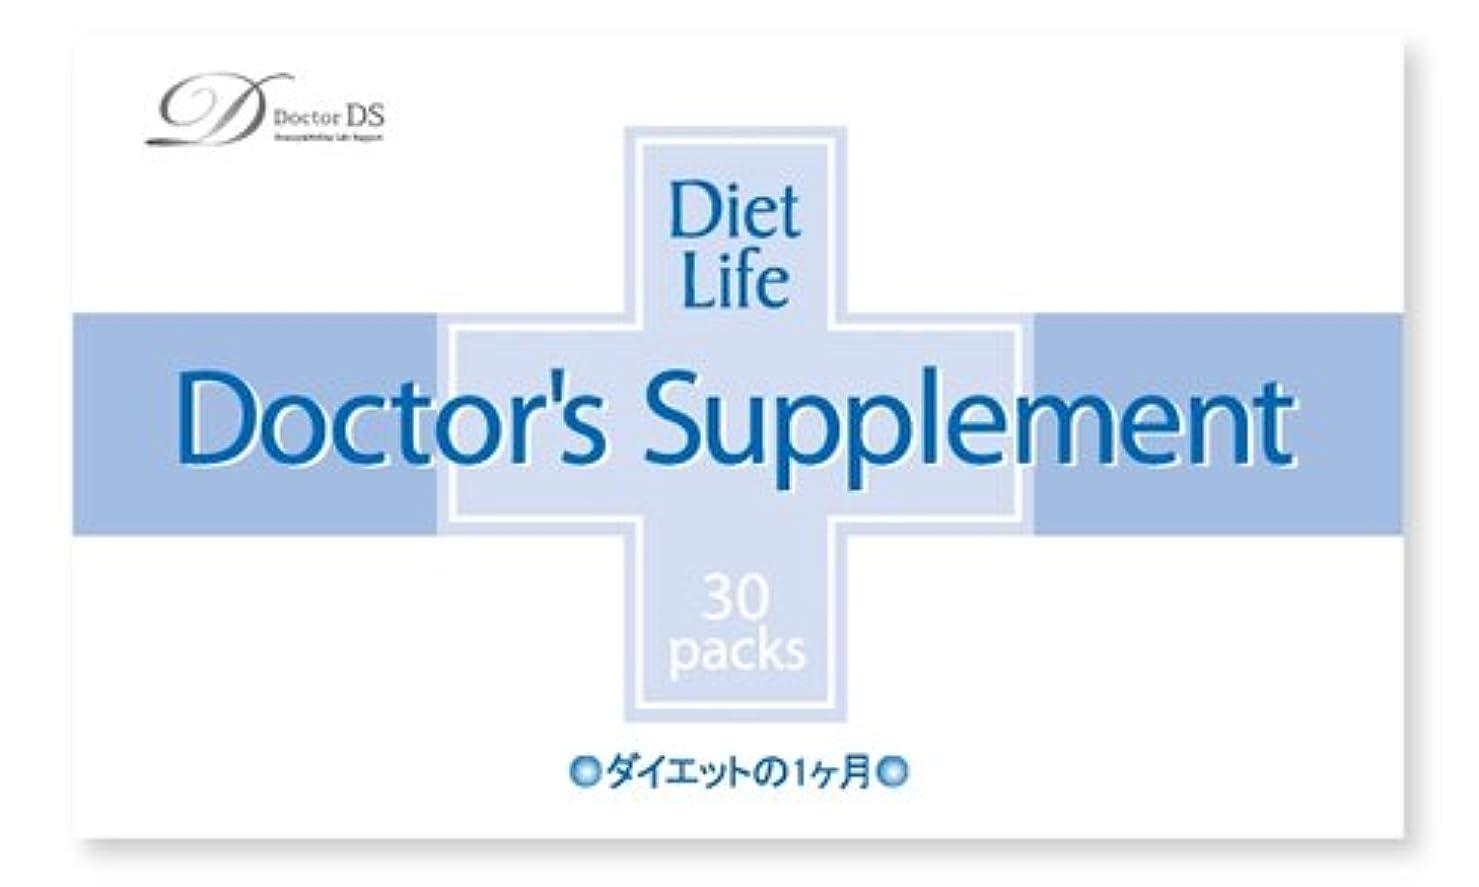 ライバル本物のクレーン[正規品]ダイエットの専門家の開発したドクターDSサプリメント[ダイエットの1ヶ月]